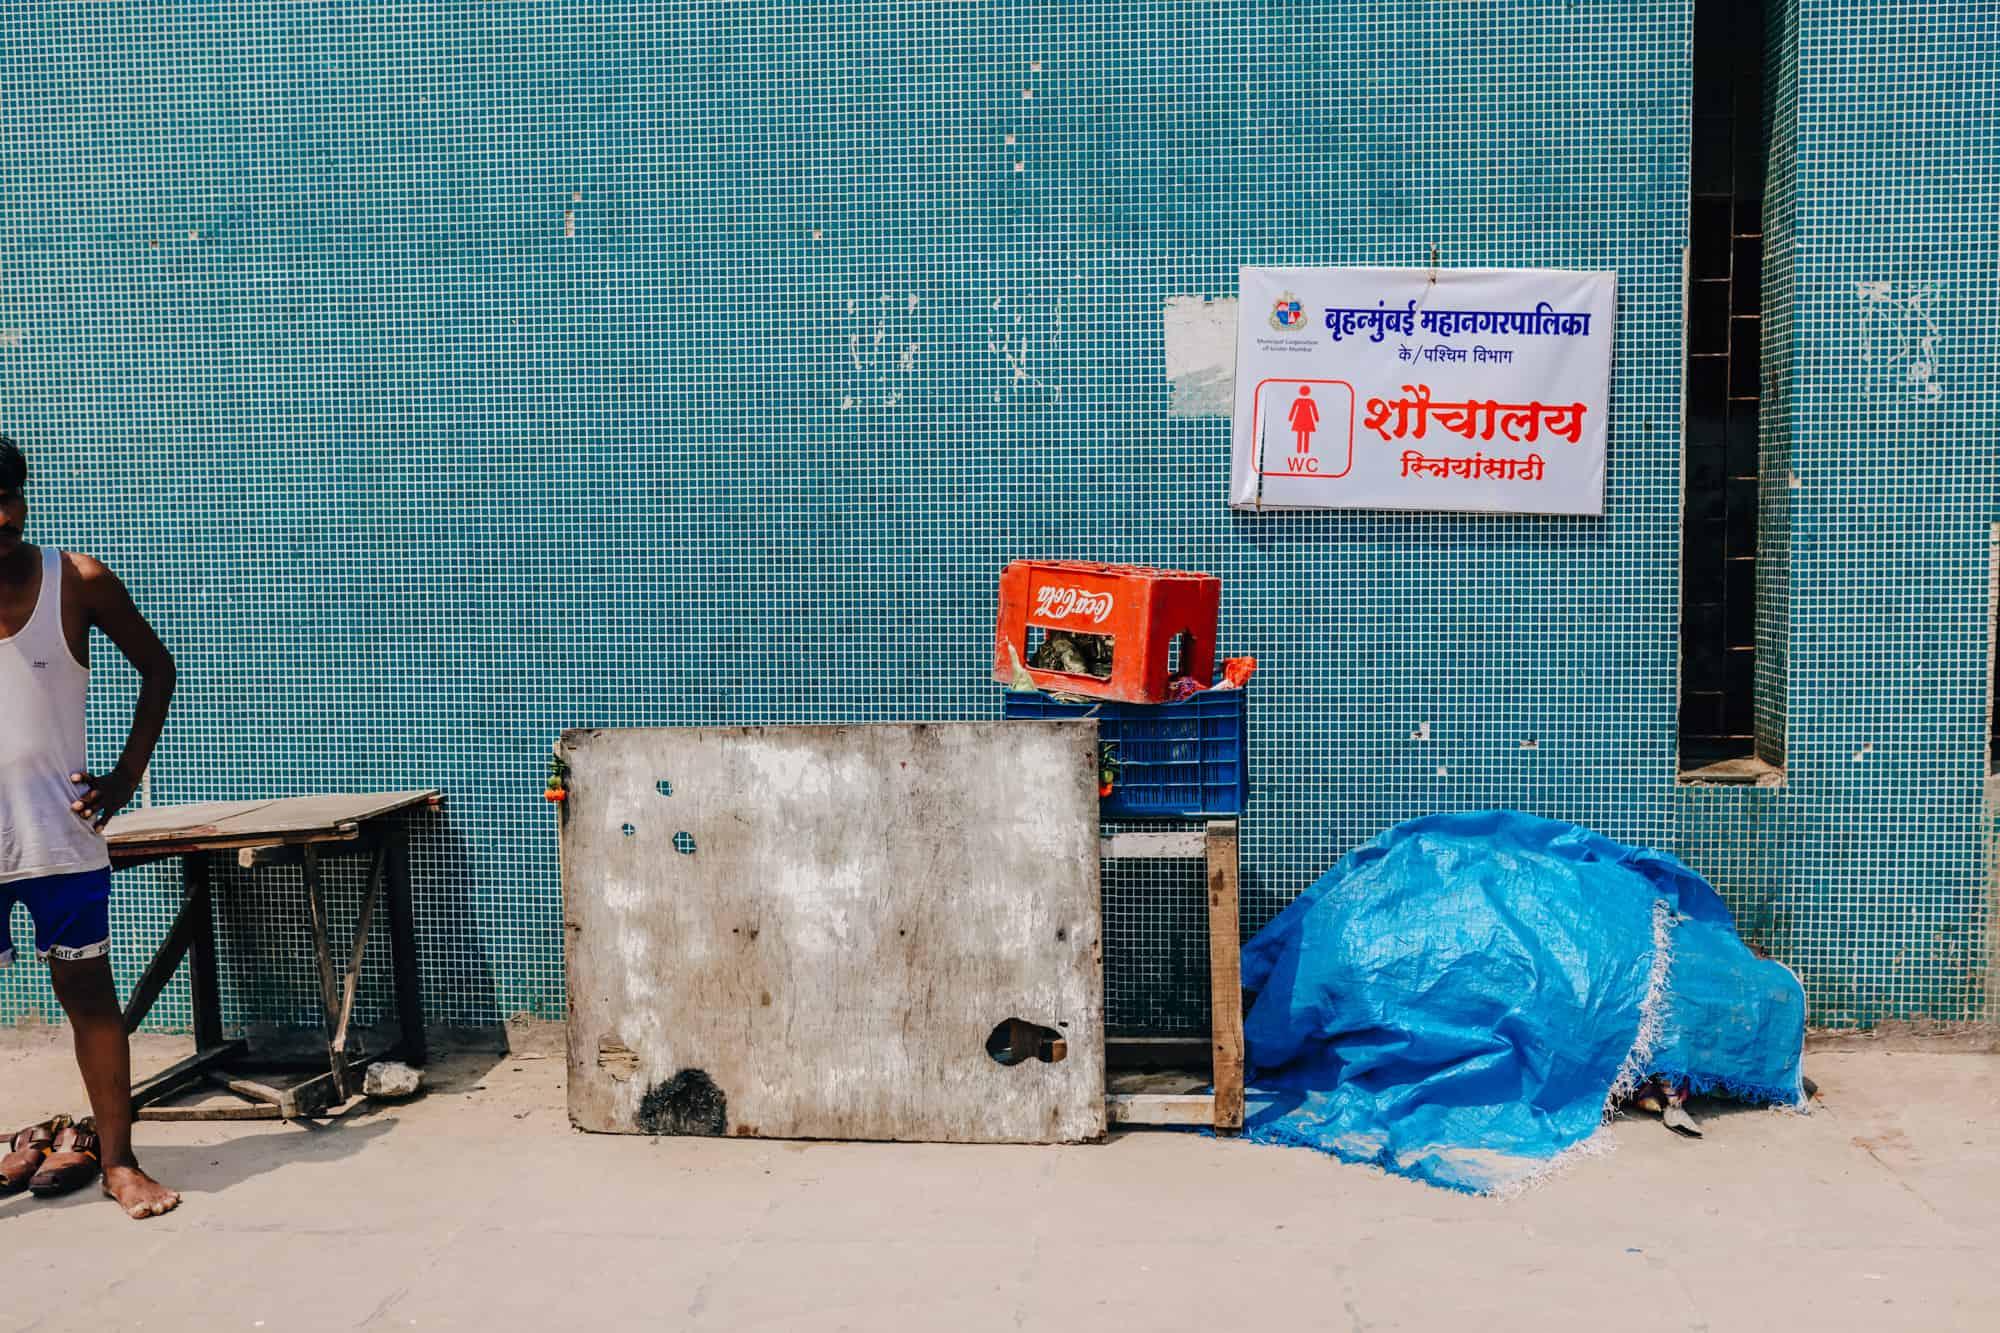 Sylt Fotograf Sylt Heiraten auf Sylt Hochzeitsfotograf Sylt Reisen Indien